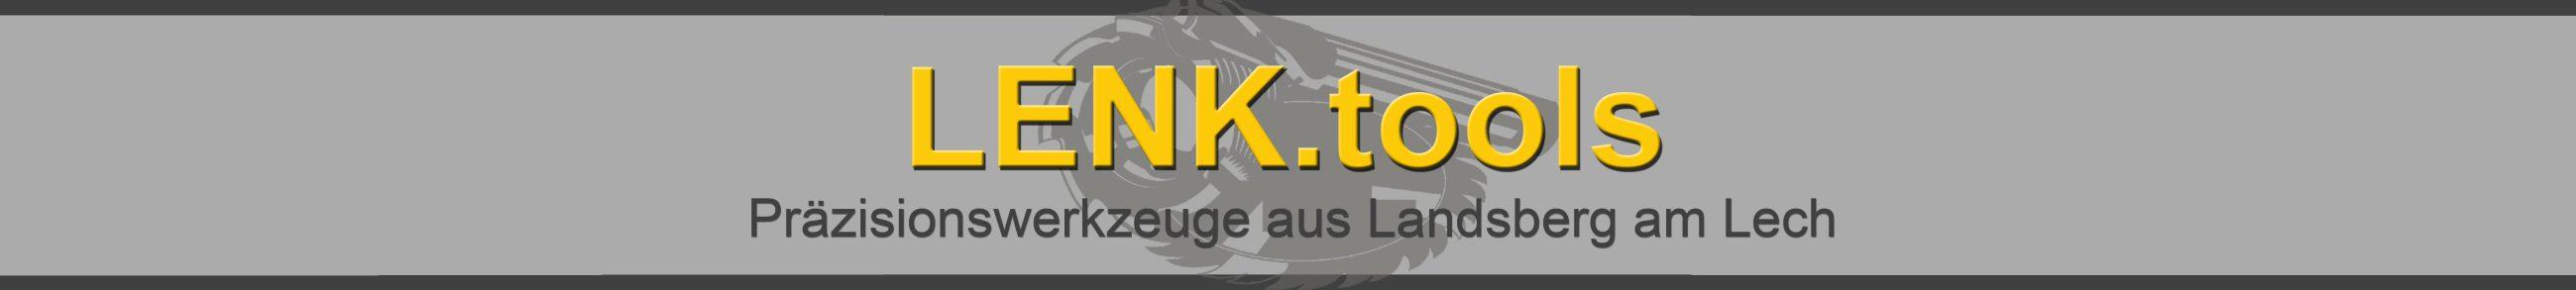 Präzisionswerkzeuge aus Landsberg am Lech